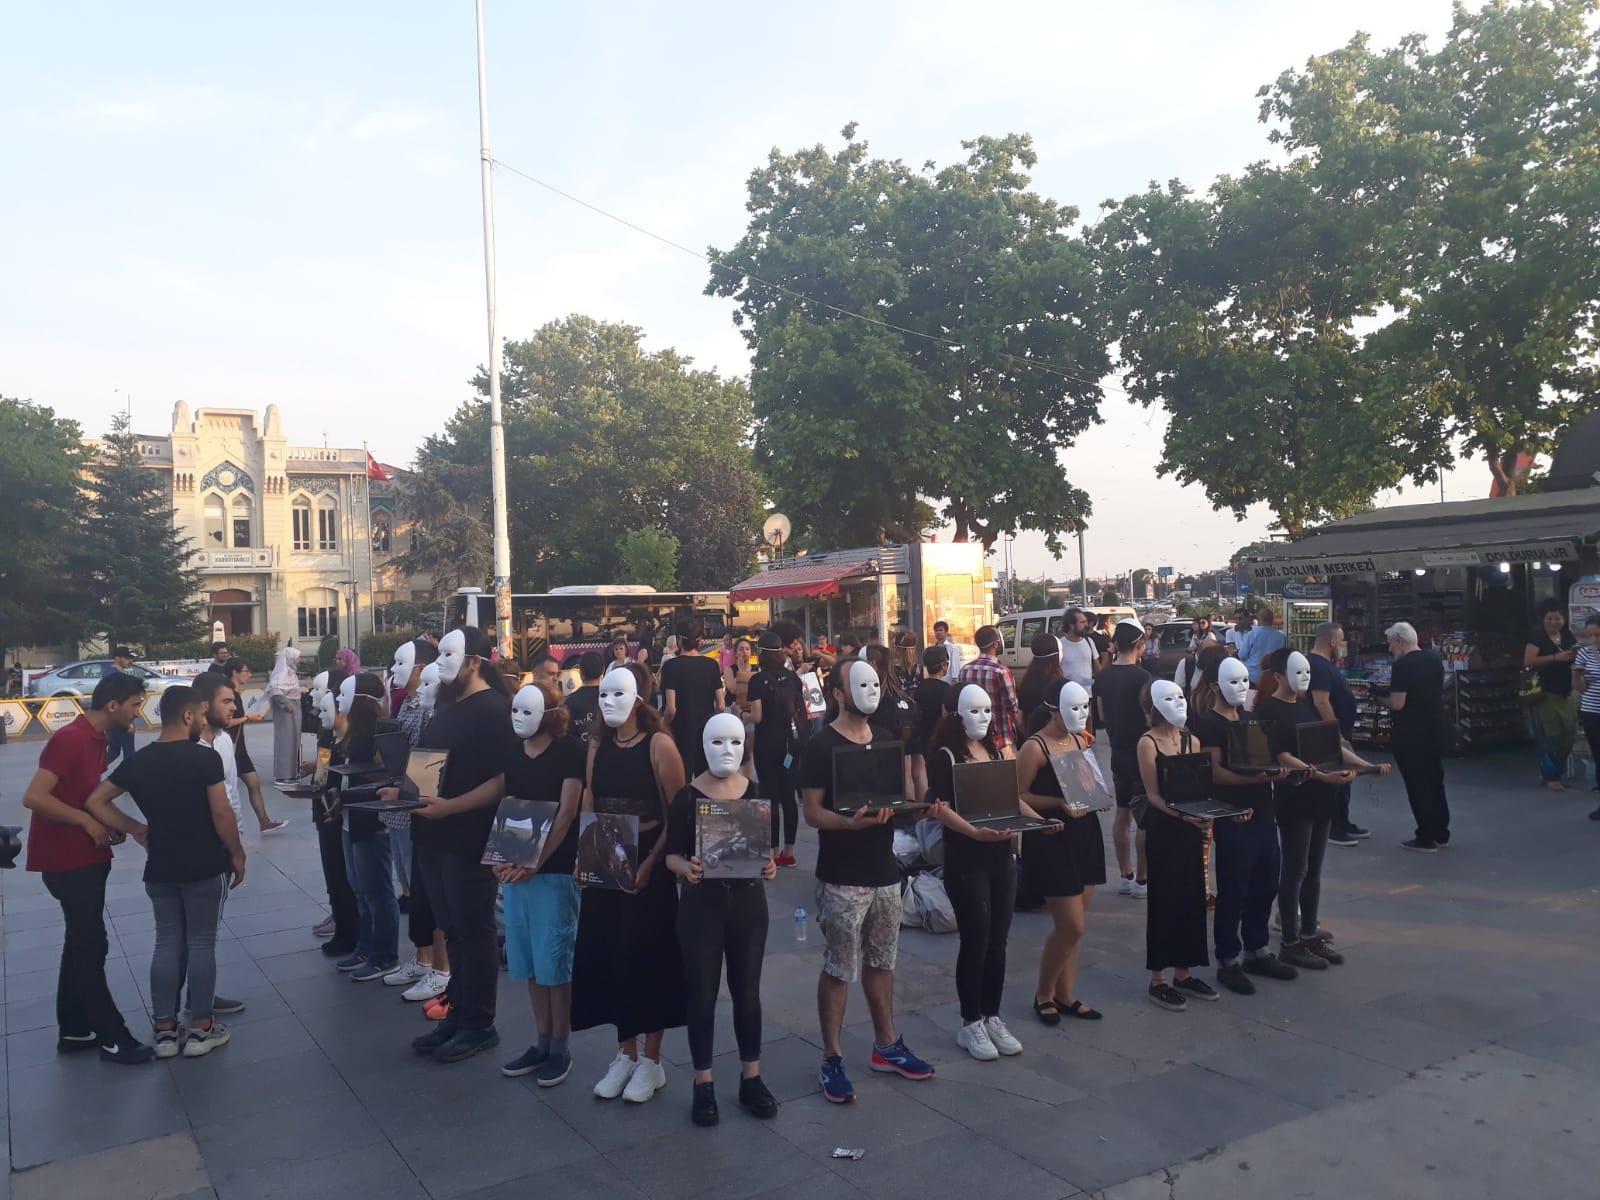 Hayvan özgürlüğü aktivistleri Kadıköy'de gerçeklik küpü eylemi gerçekleştirdi